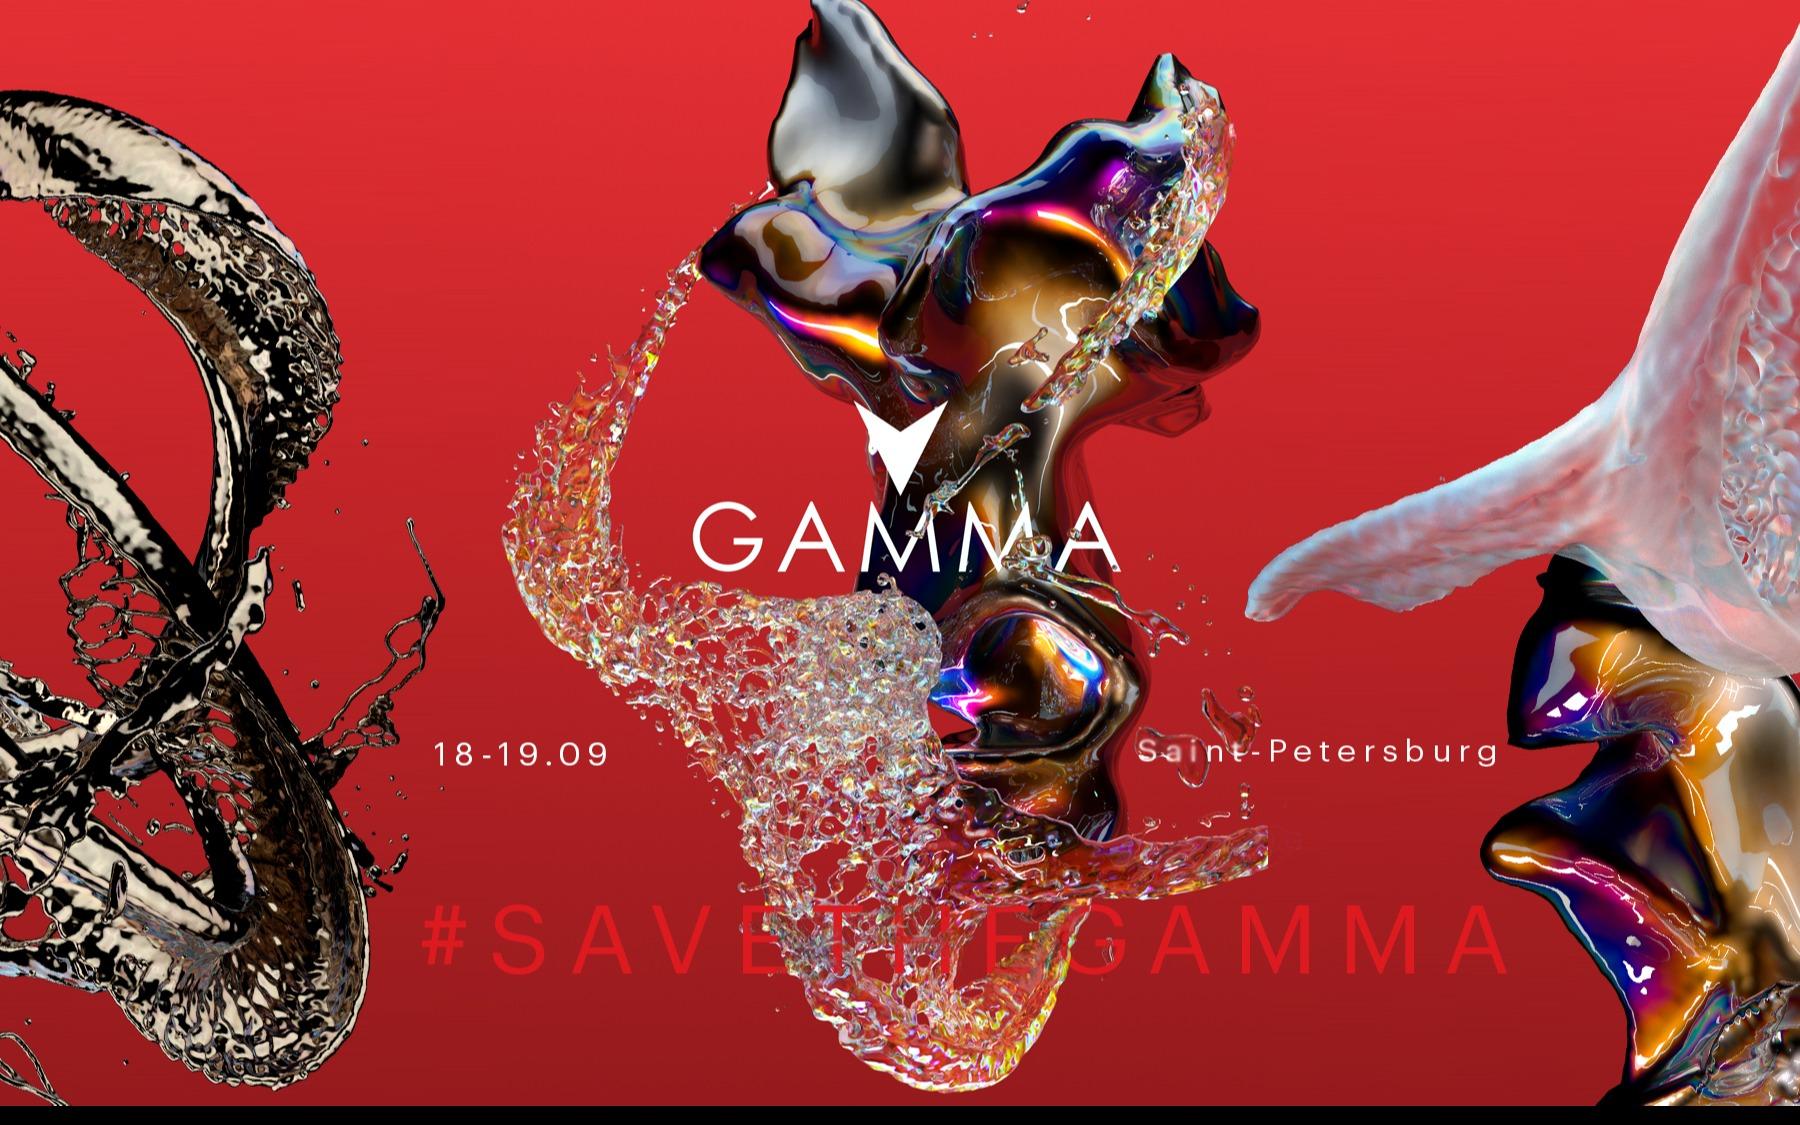 GAMMA FESTIVAL 2021